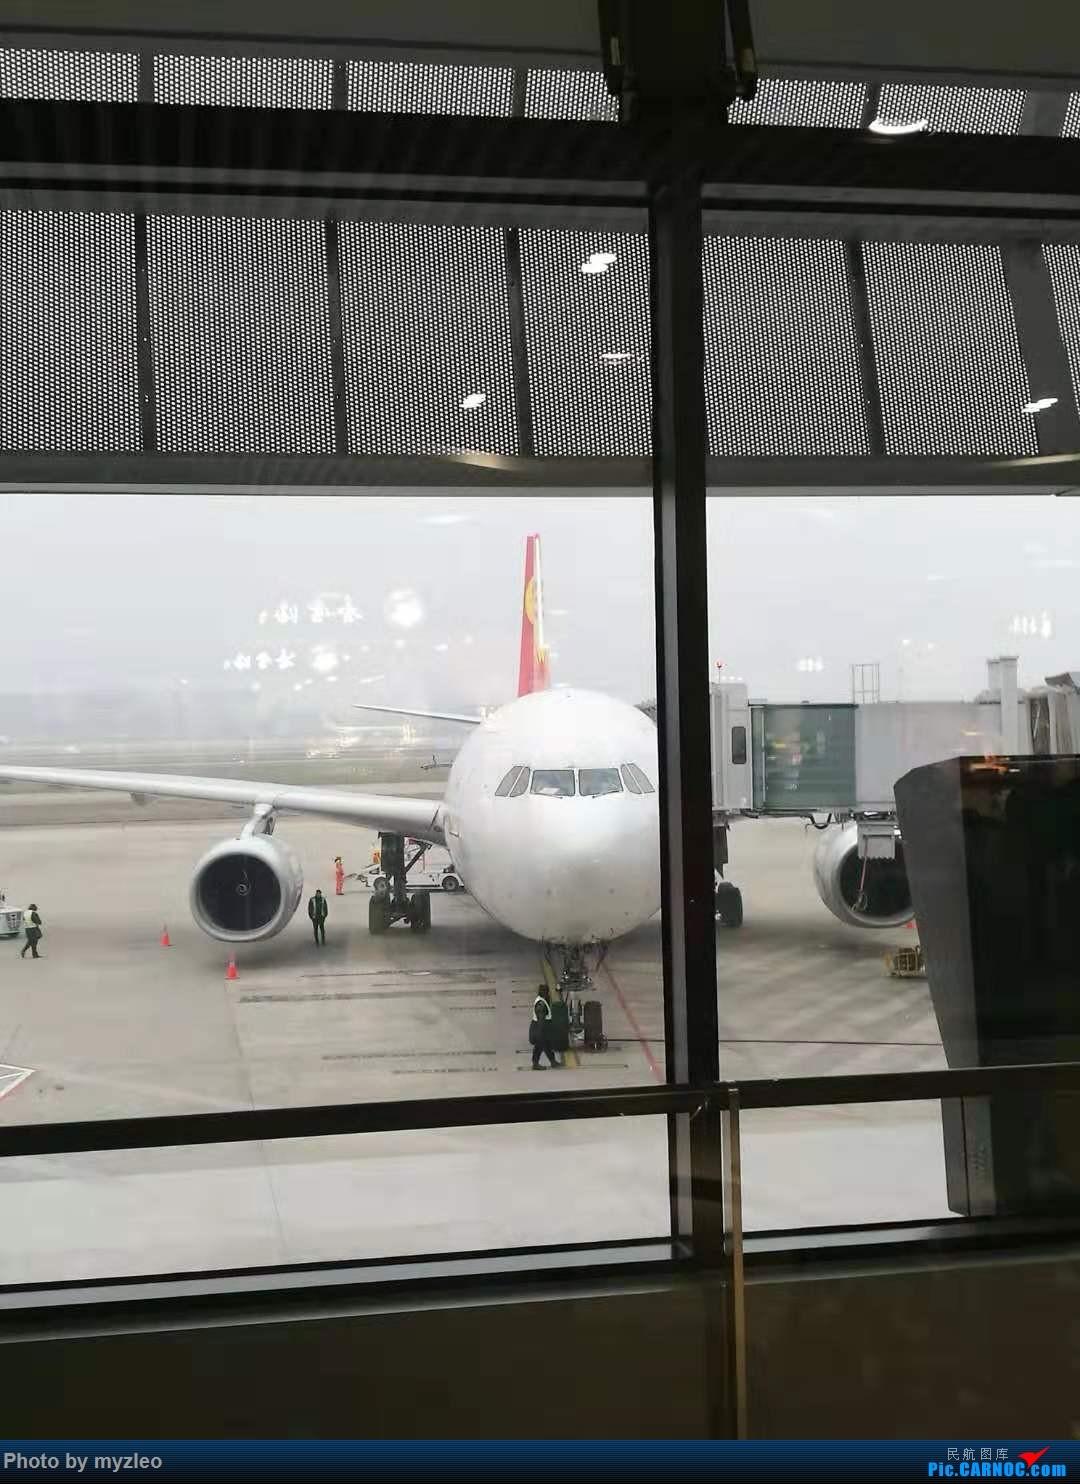 Re:[原创]【myzleo的游记4.1】十年之约(1)不完整的去程——HX239,HNA初体验,与心爱的359失之交臂;港岛+九龙 AIRBUS A330-300  中国上海虹桥国际机场